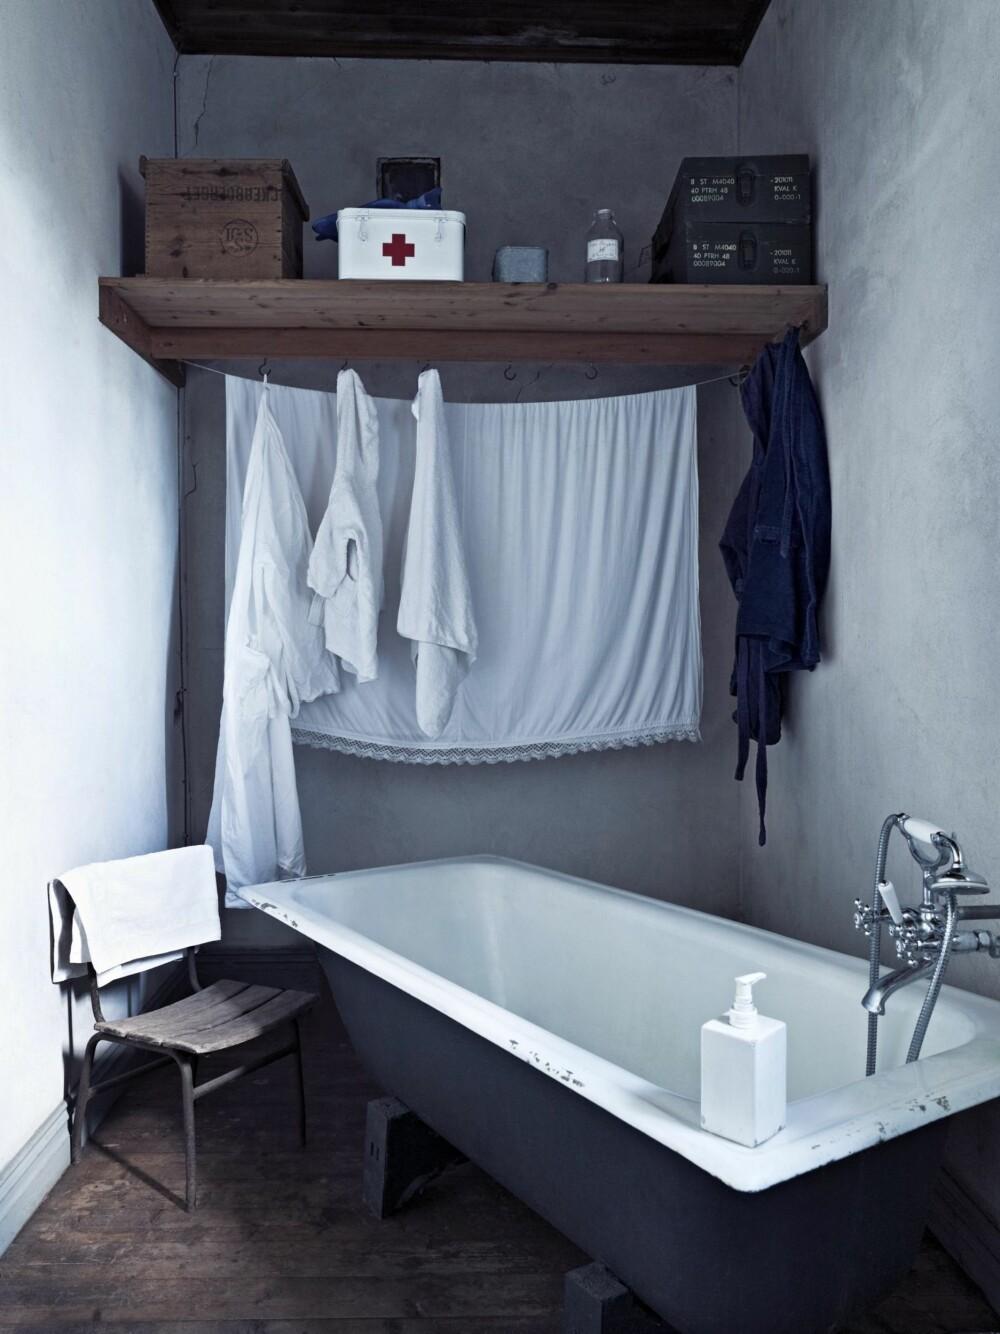 """HELT NYTT: Badet er det eneste """"nye"""" rommet, men innredet i gammel stil. Badekaret er kjøpt brukt, skrubbet rent og malt utvendig med koksgrå maling."""